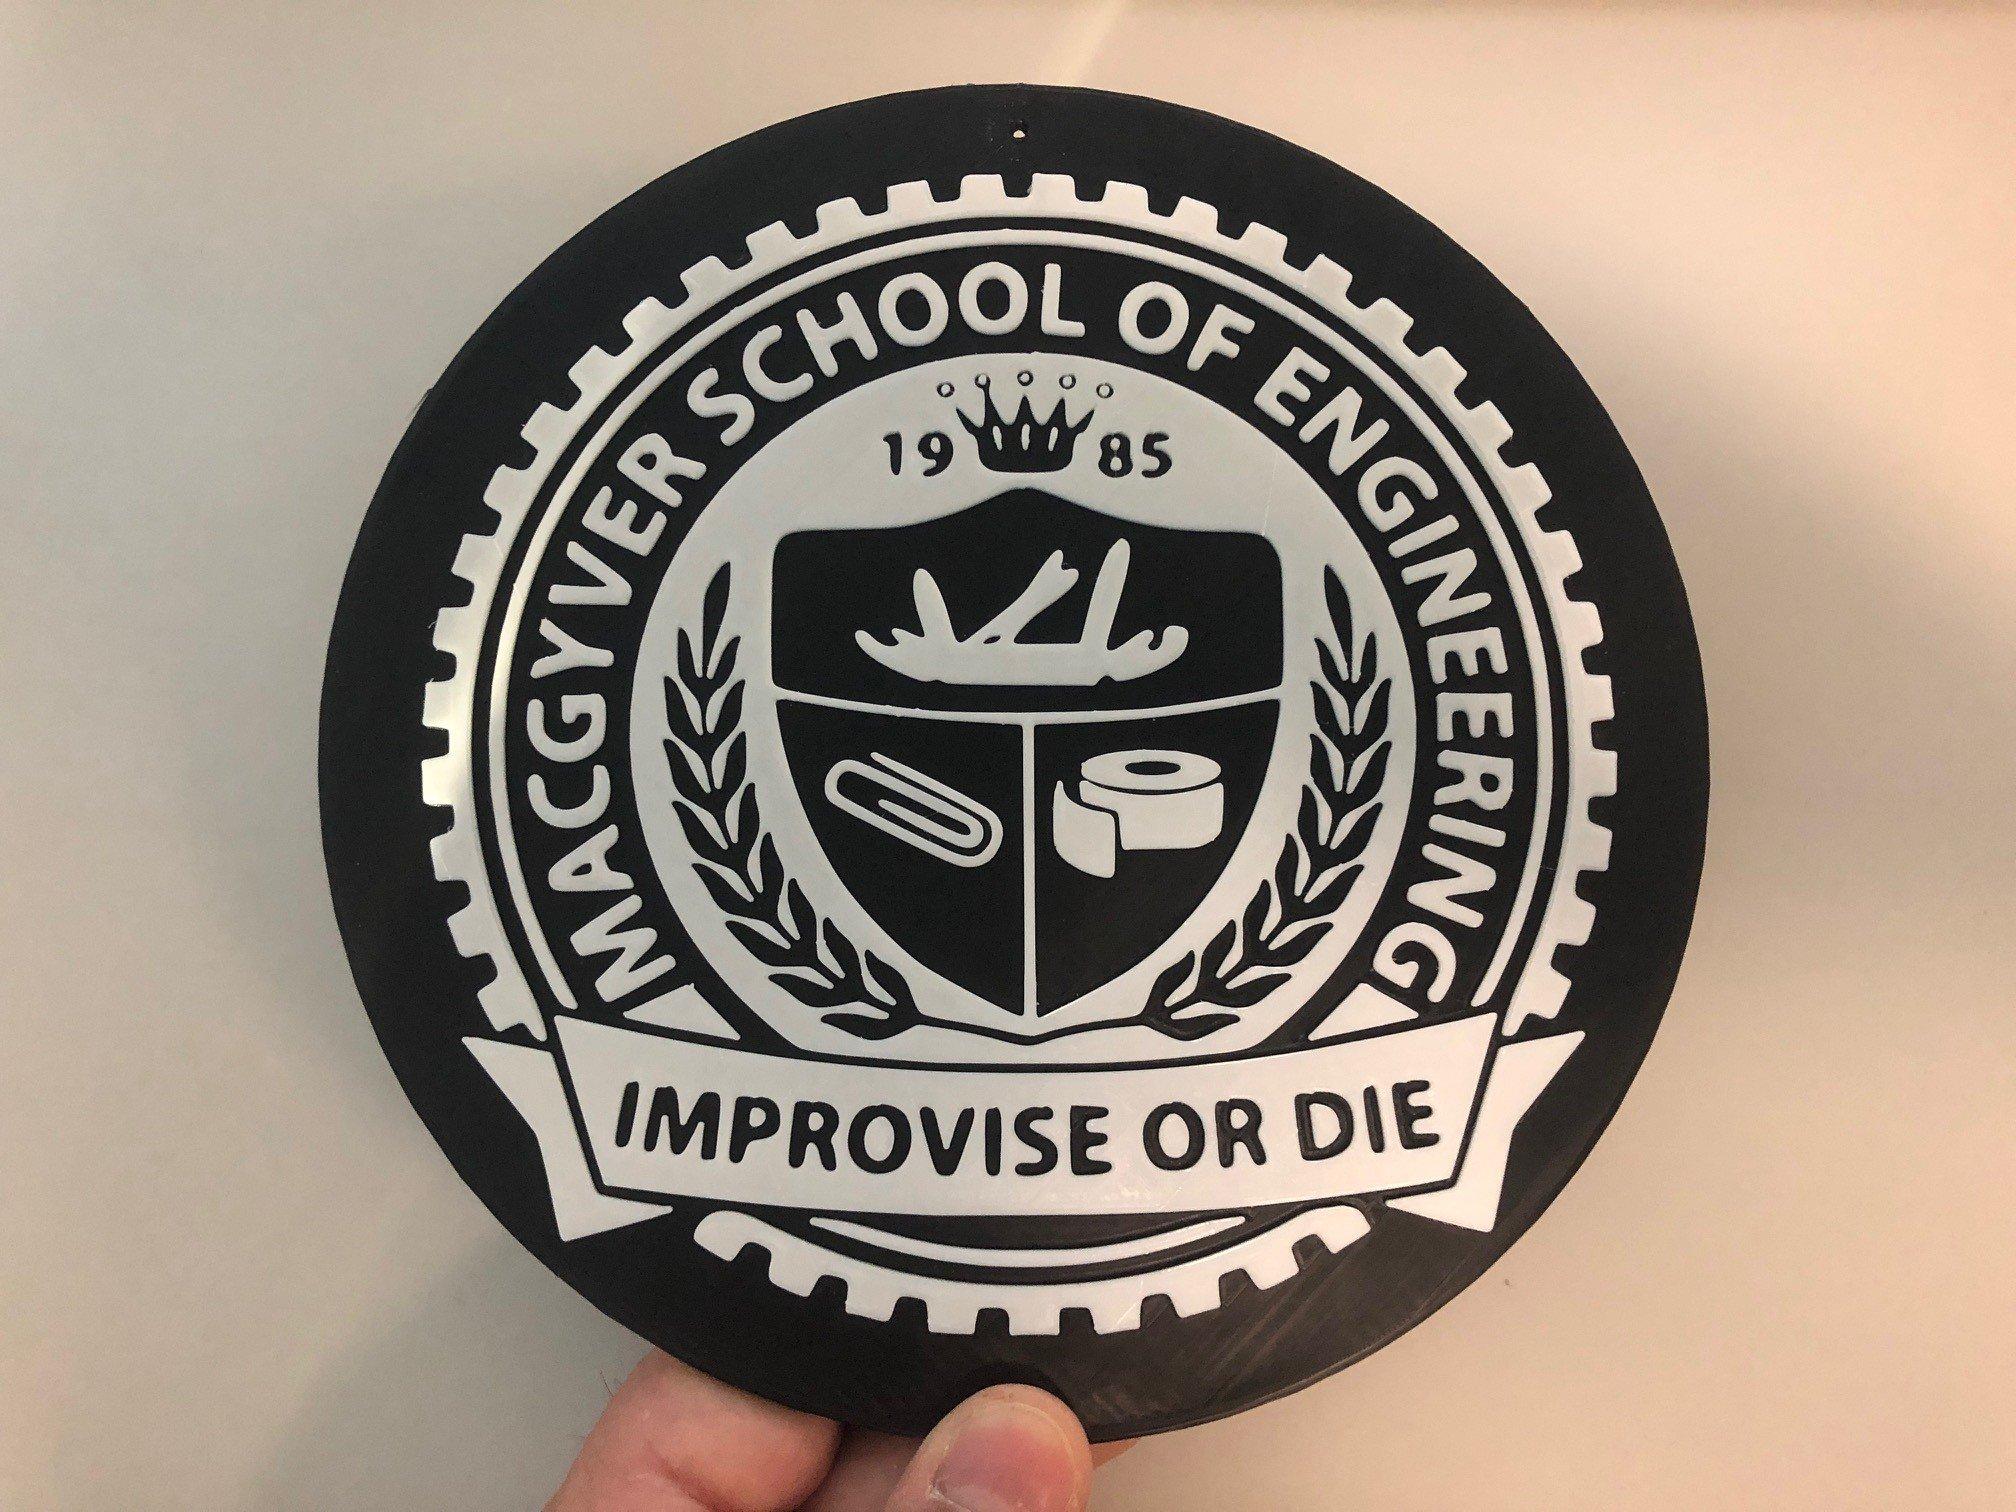 MacGyver School of Engineering